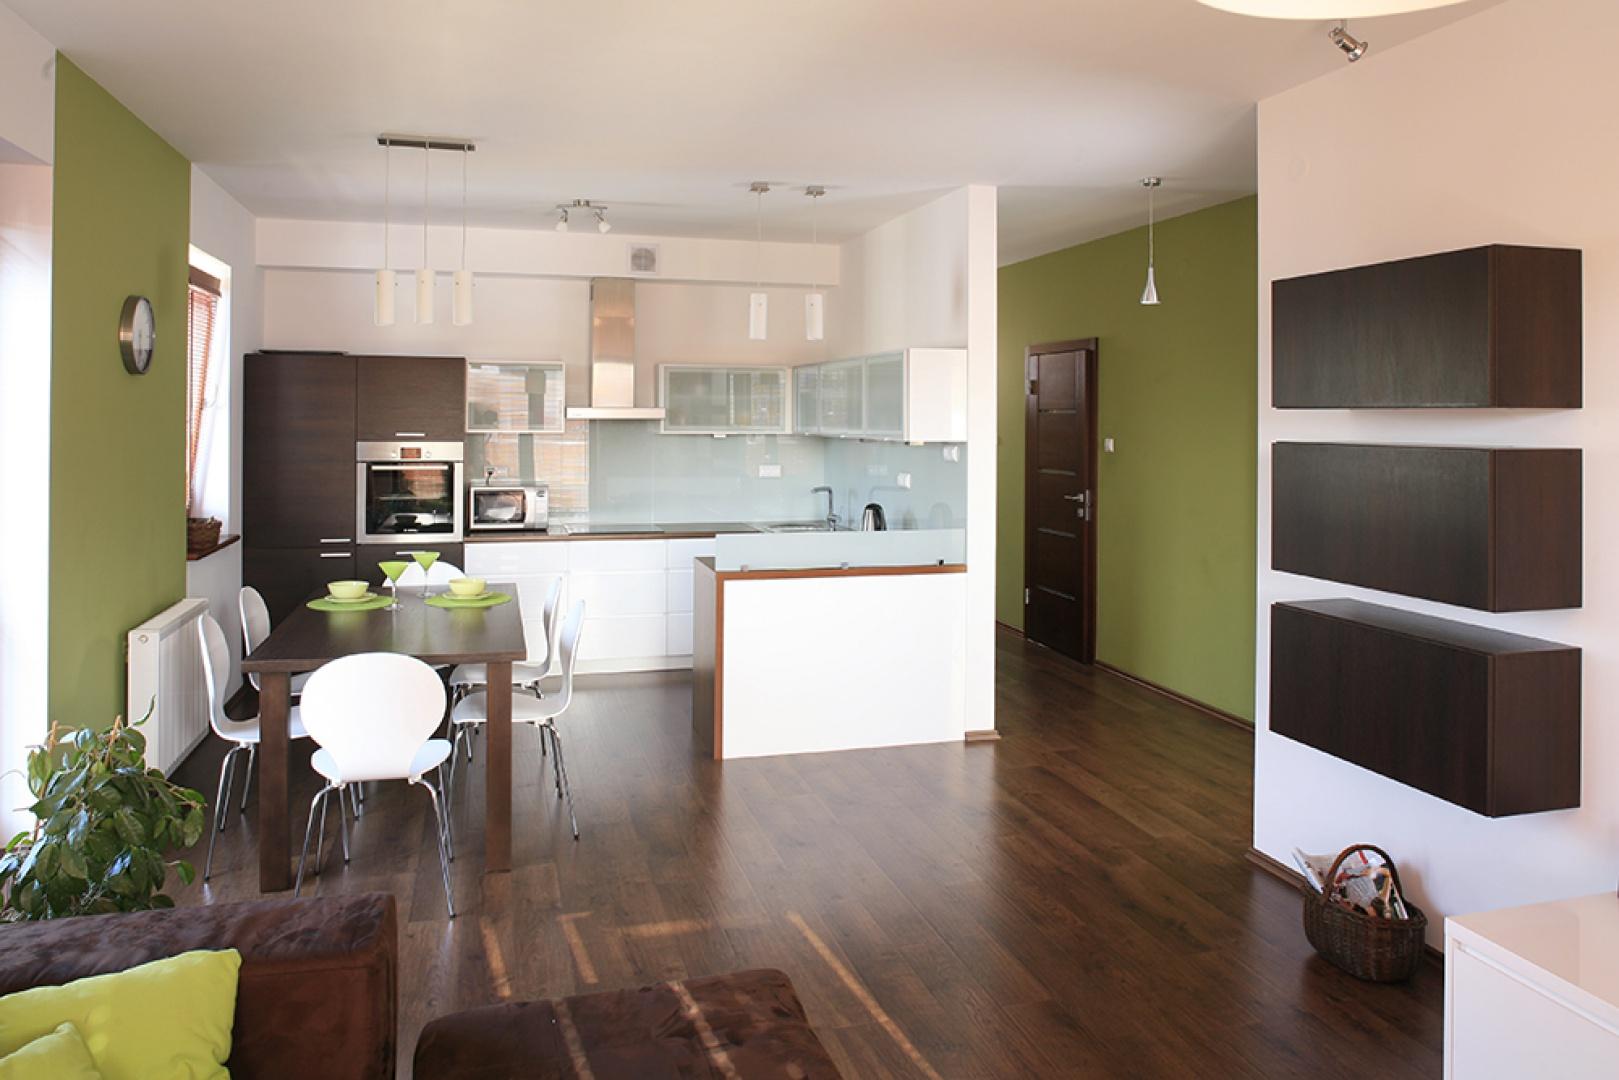 Kuchnia oraz salon tworzą Aneks kuchenny z pomysłem biel z odrobiną lim   -> Kuchnia Z Pomyslem